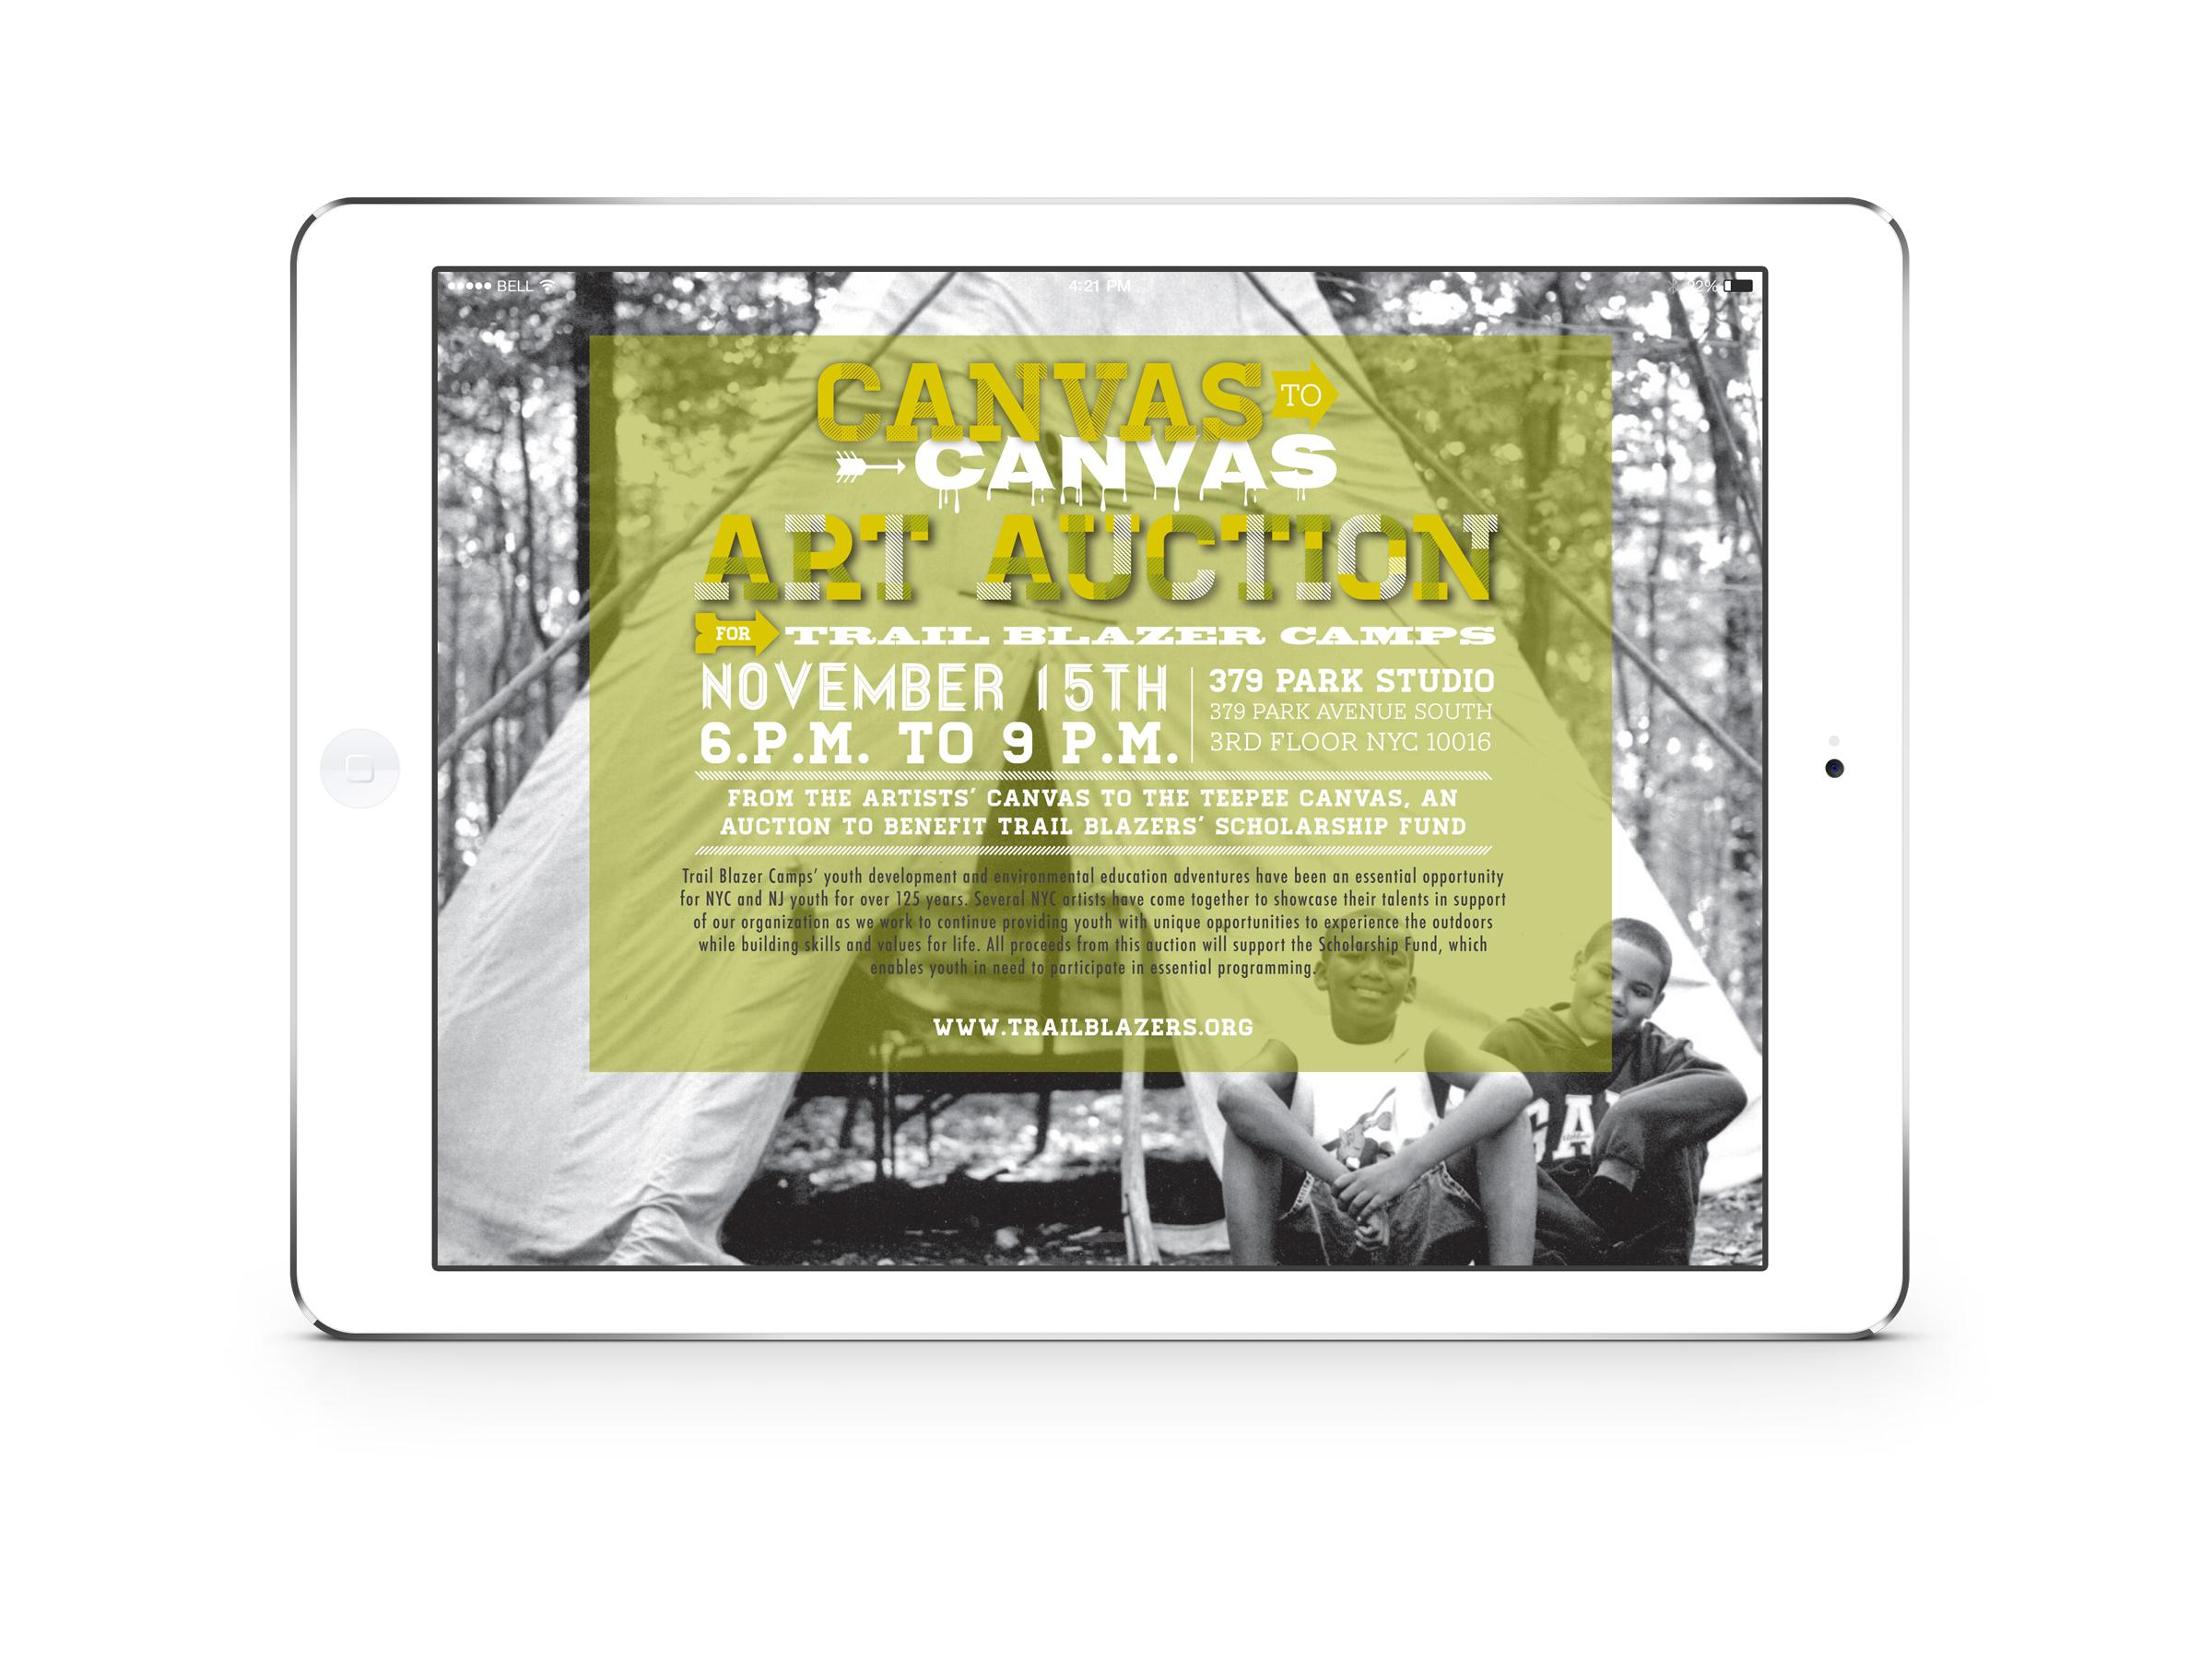 canvastocanvas_WEB Advert.jpg